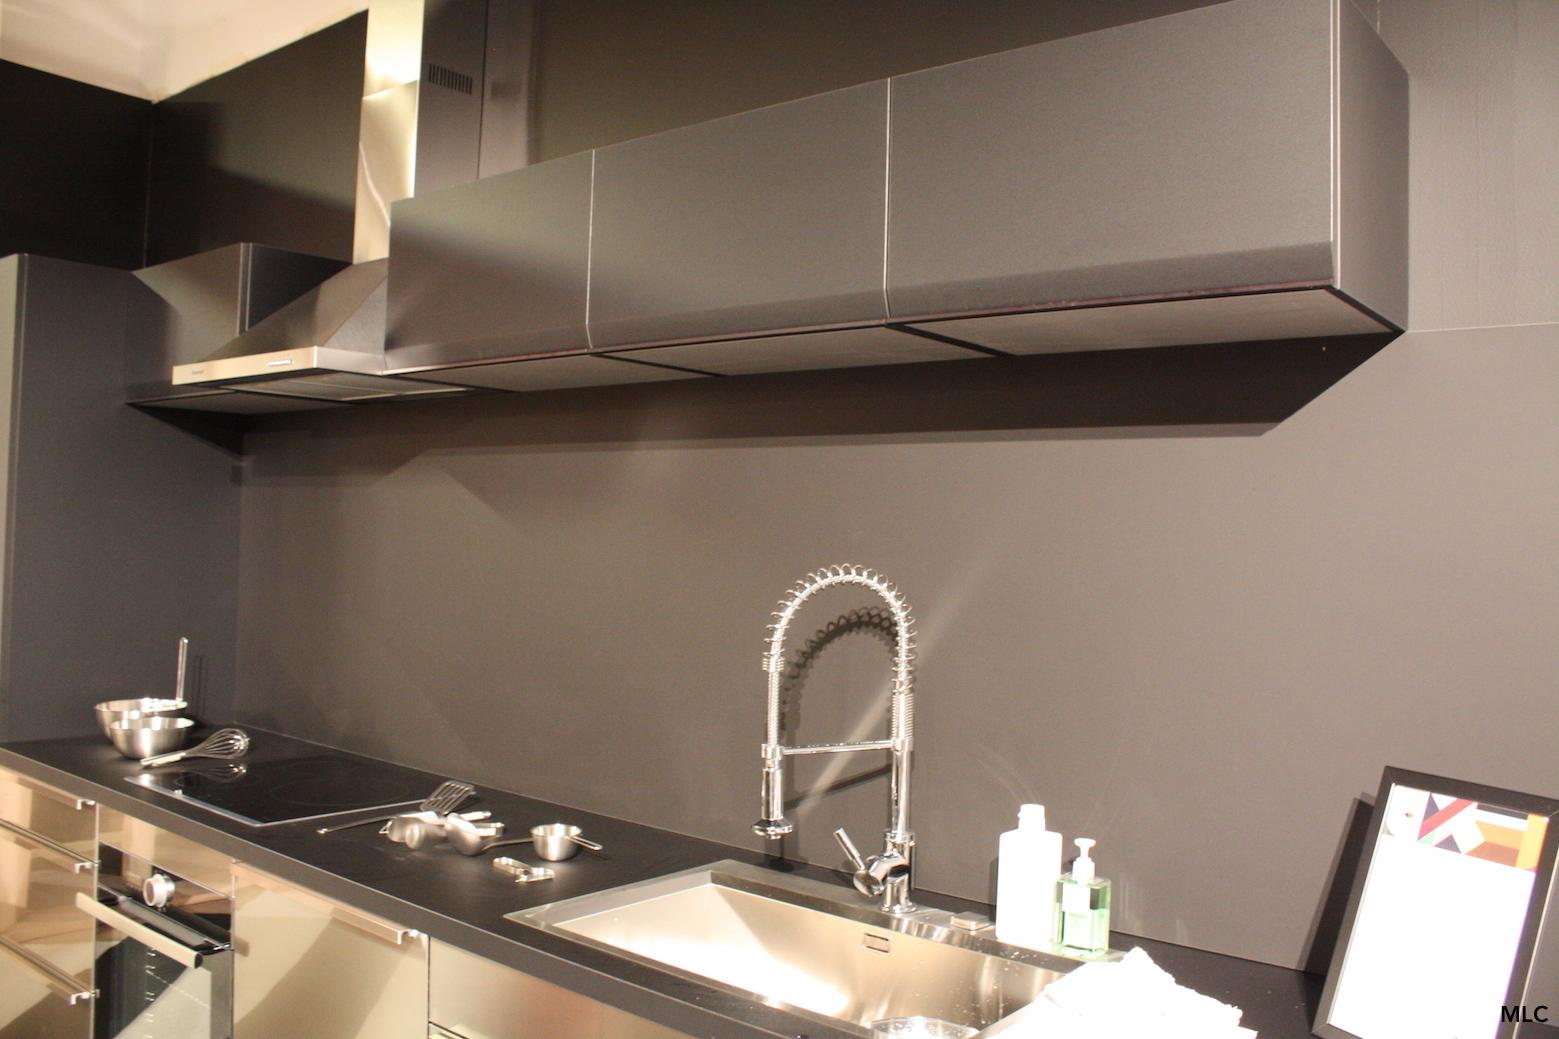 une cuisine noire lumineuse le blog d co de mlc. Black Bedroom Furniture Sets. Home Design Ideas